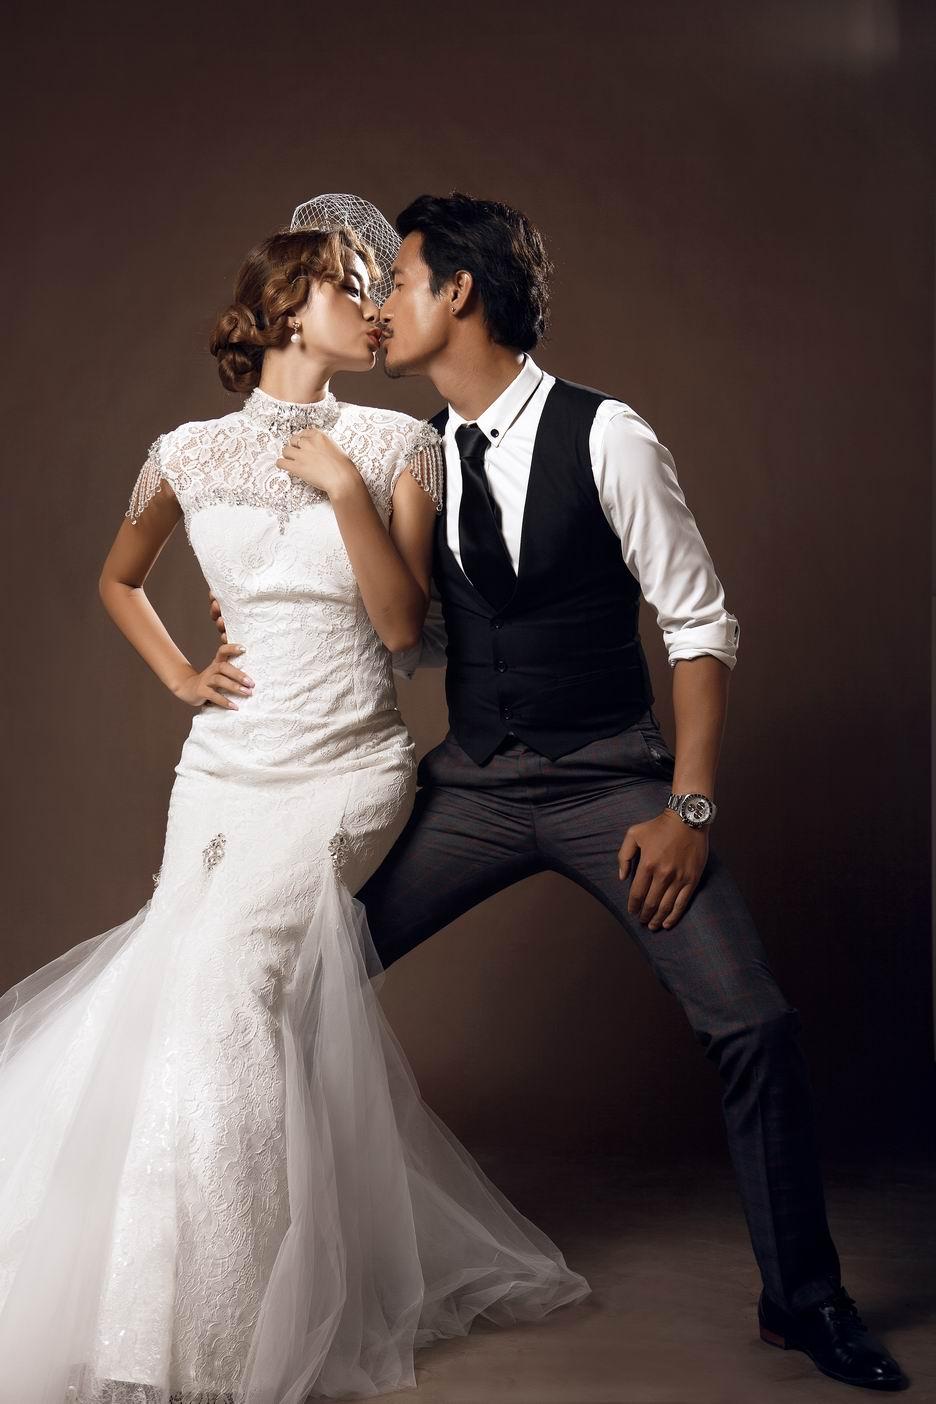 情侣装婚纱照片欣赏_好看的内景婚纱照图片-最好看的婚纱图片大全/特别漂亮的婚纱照 ...